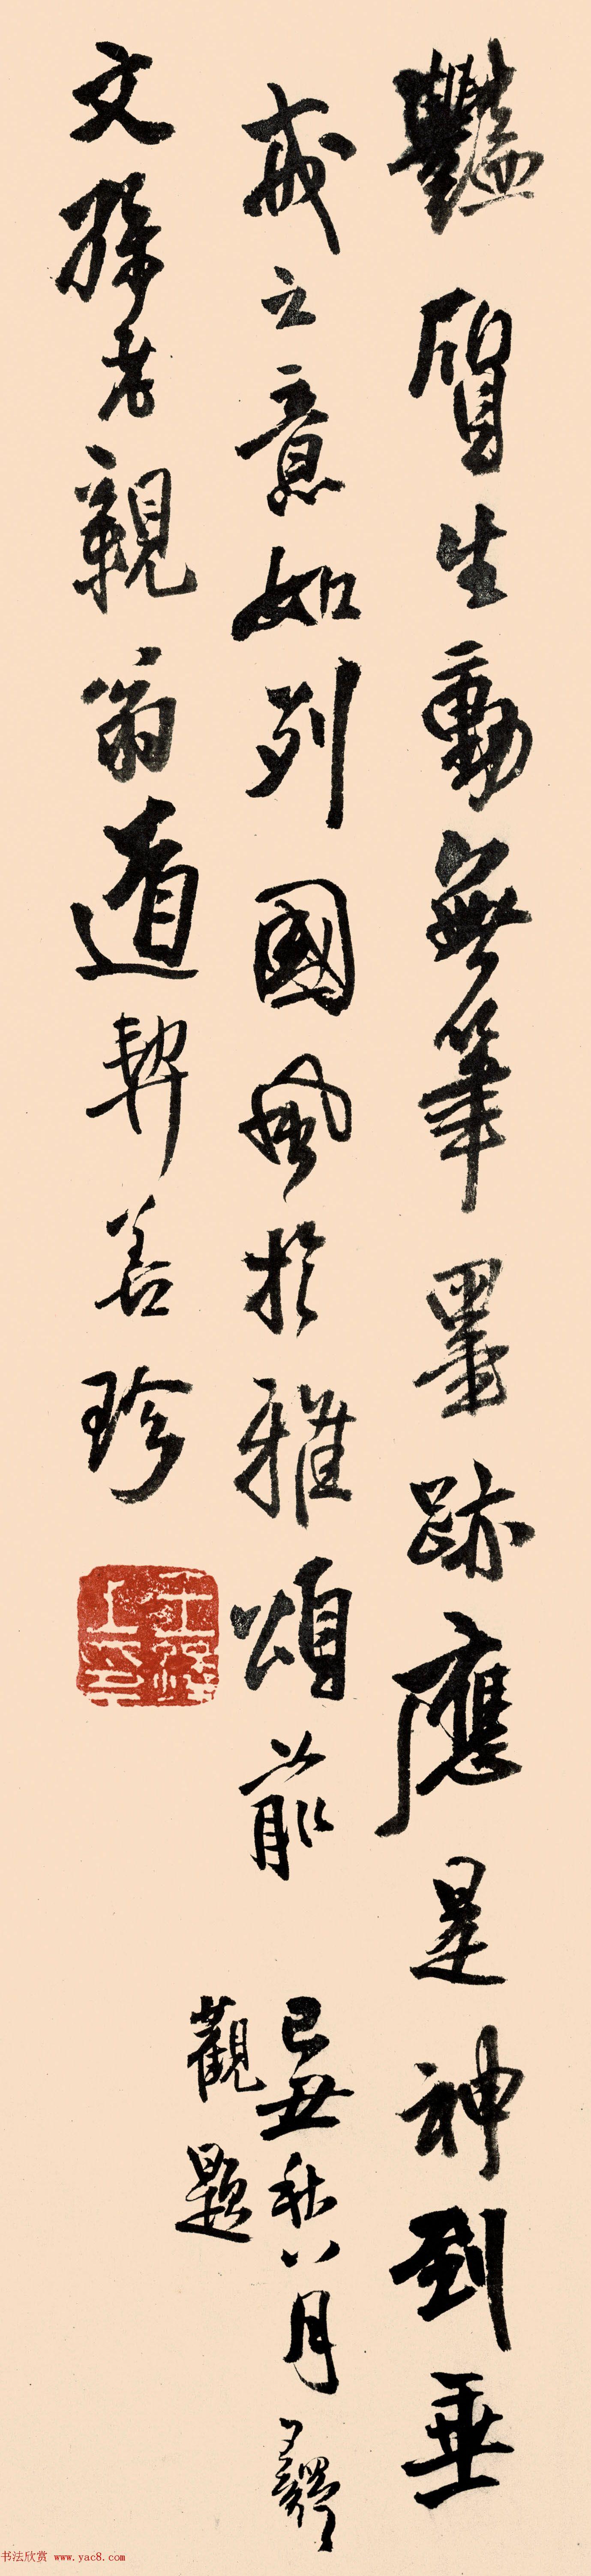 王铎书法题跋赵佶虢国夫人游春图高清晰